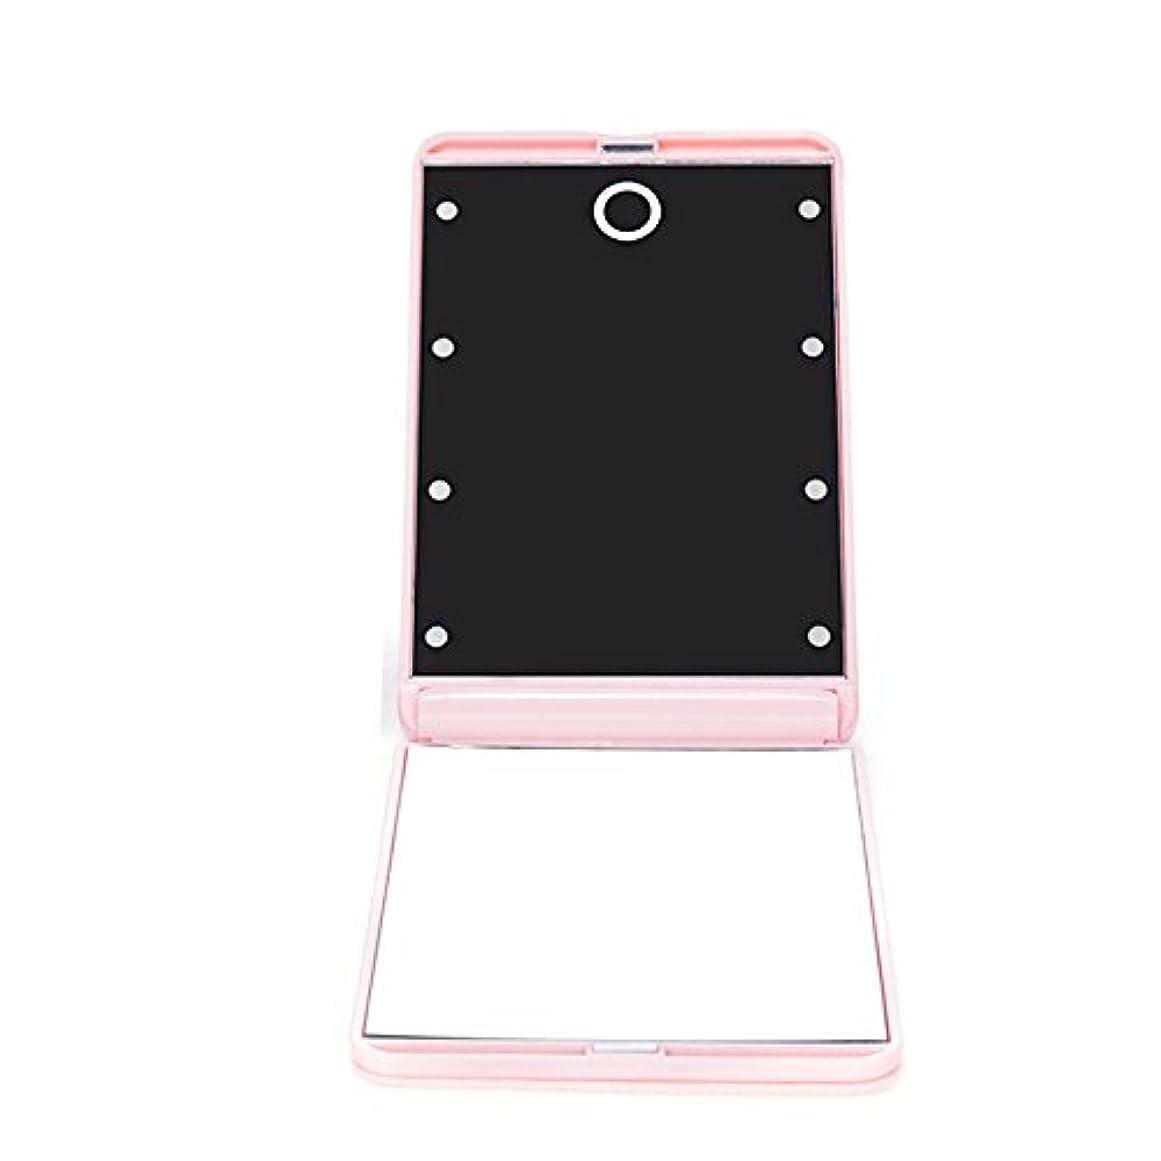 スクラップブラウズダニledミラー 折りたたみ式 メイクミラー LEDライト 角度/明るさ調整 コンパクト 化粧鏡 二面鏡 ミラー 2倍拡大鏡付 8灯手鏡 ピンク